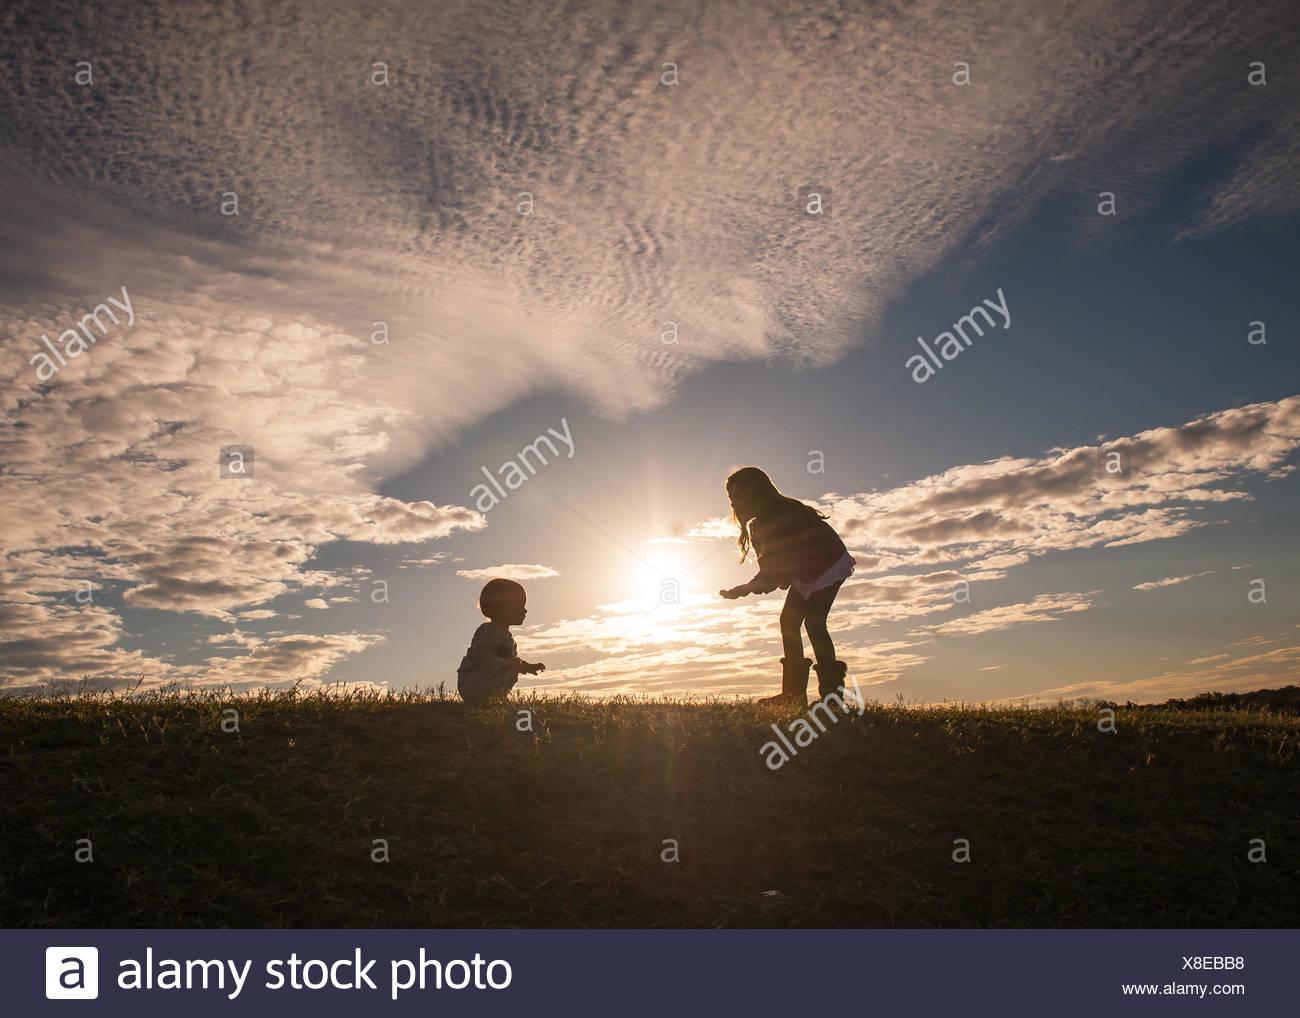 Silhouette eines Mädchens mit einem Baby laufen lernen Stockfoto